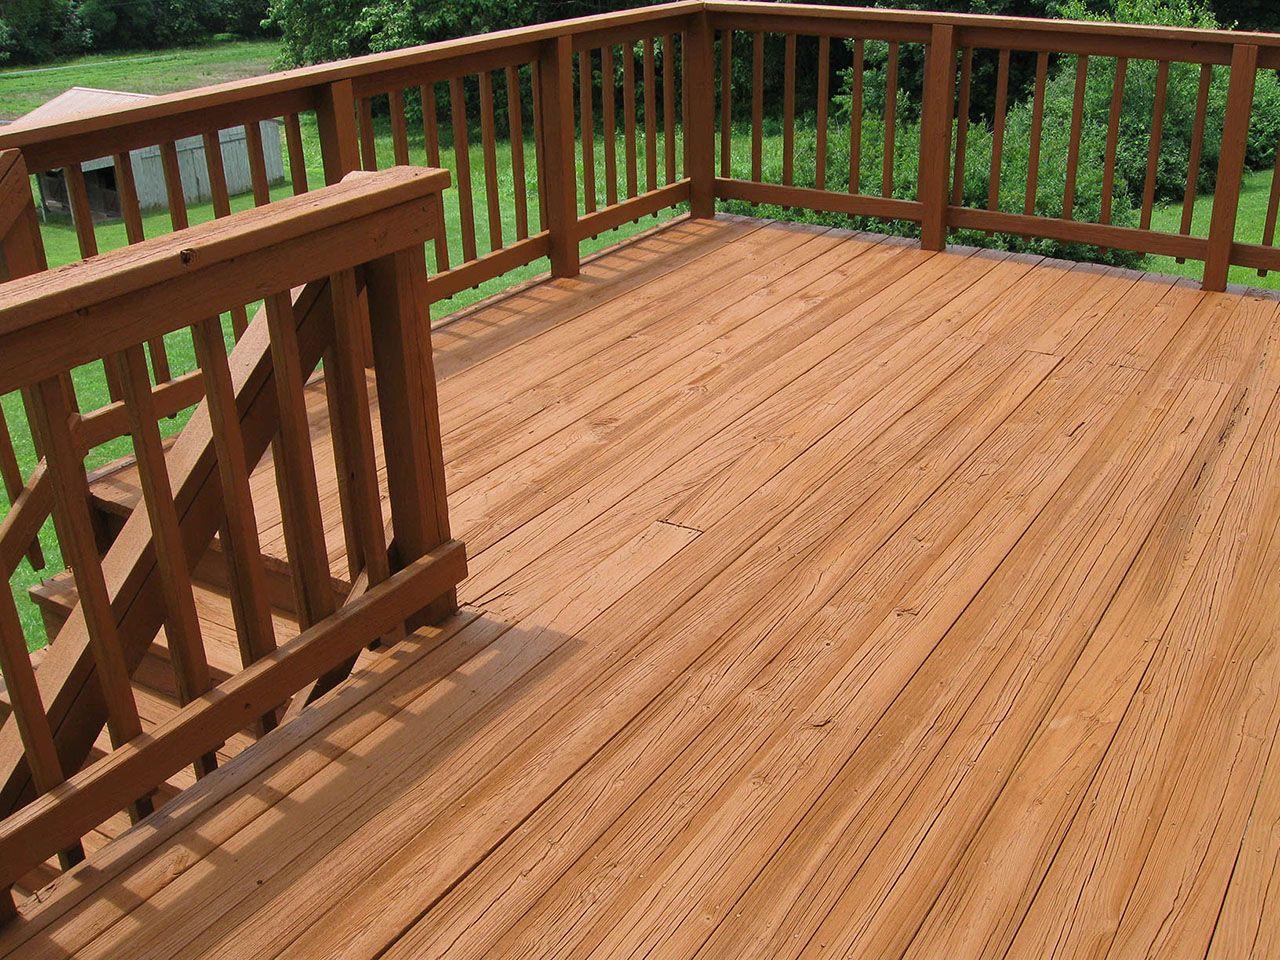 Behr solid chestnut porch pinterest behr decking - Chestnut brown exterior gloss paint ...